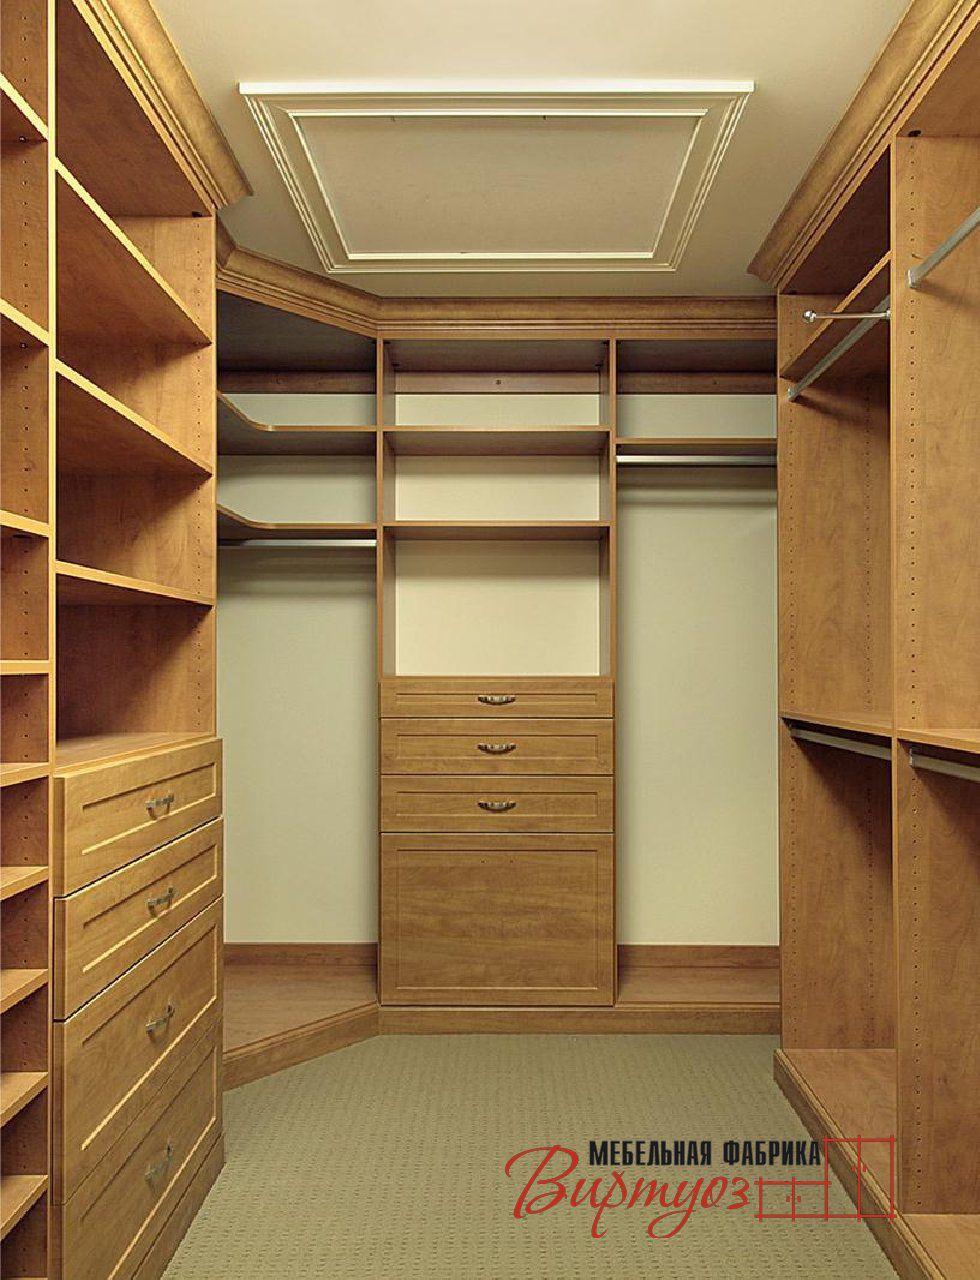 Гардеробная комната - фото 60 дизайн-проектов гардеробных.